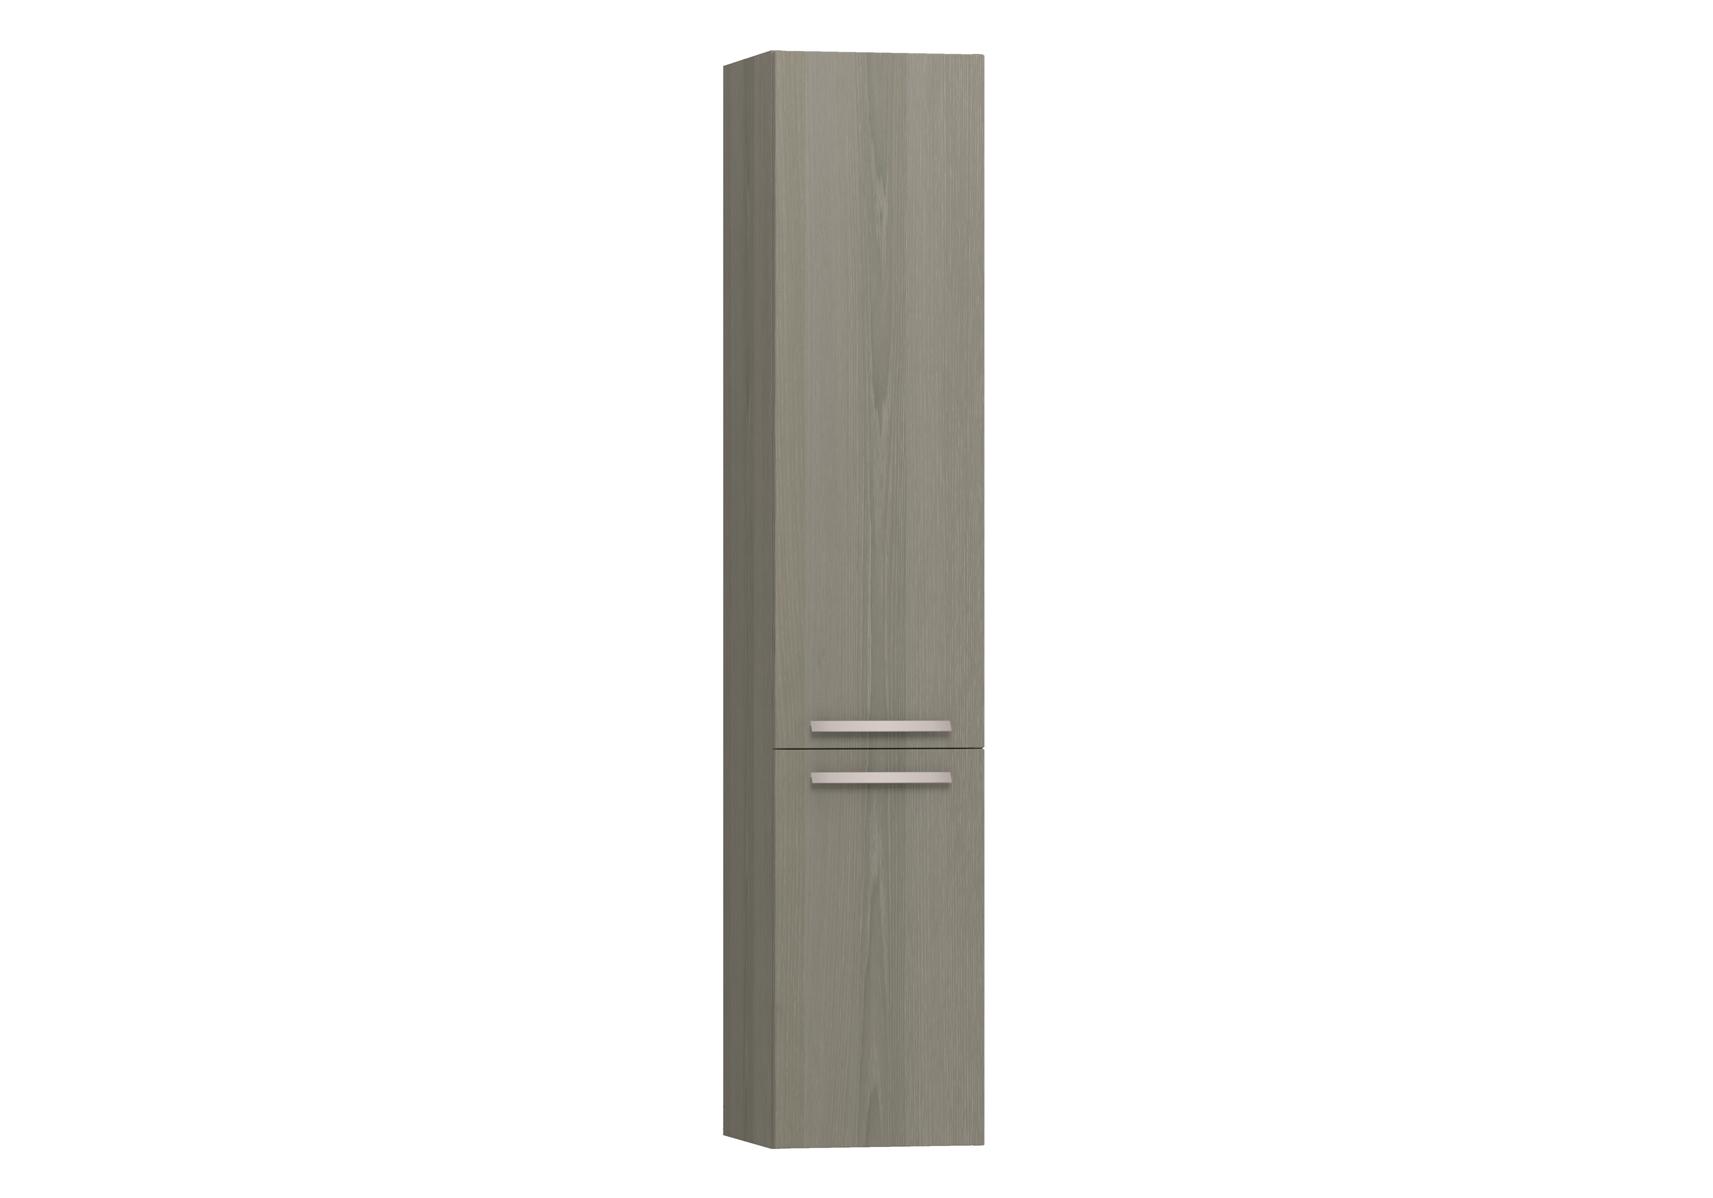 Integra armoire haute avec corbeille à linge, porte à gauche, 35 cm, chêne gris naturel